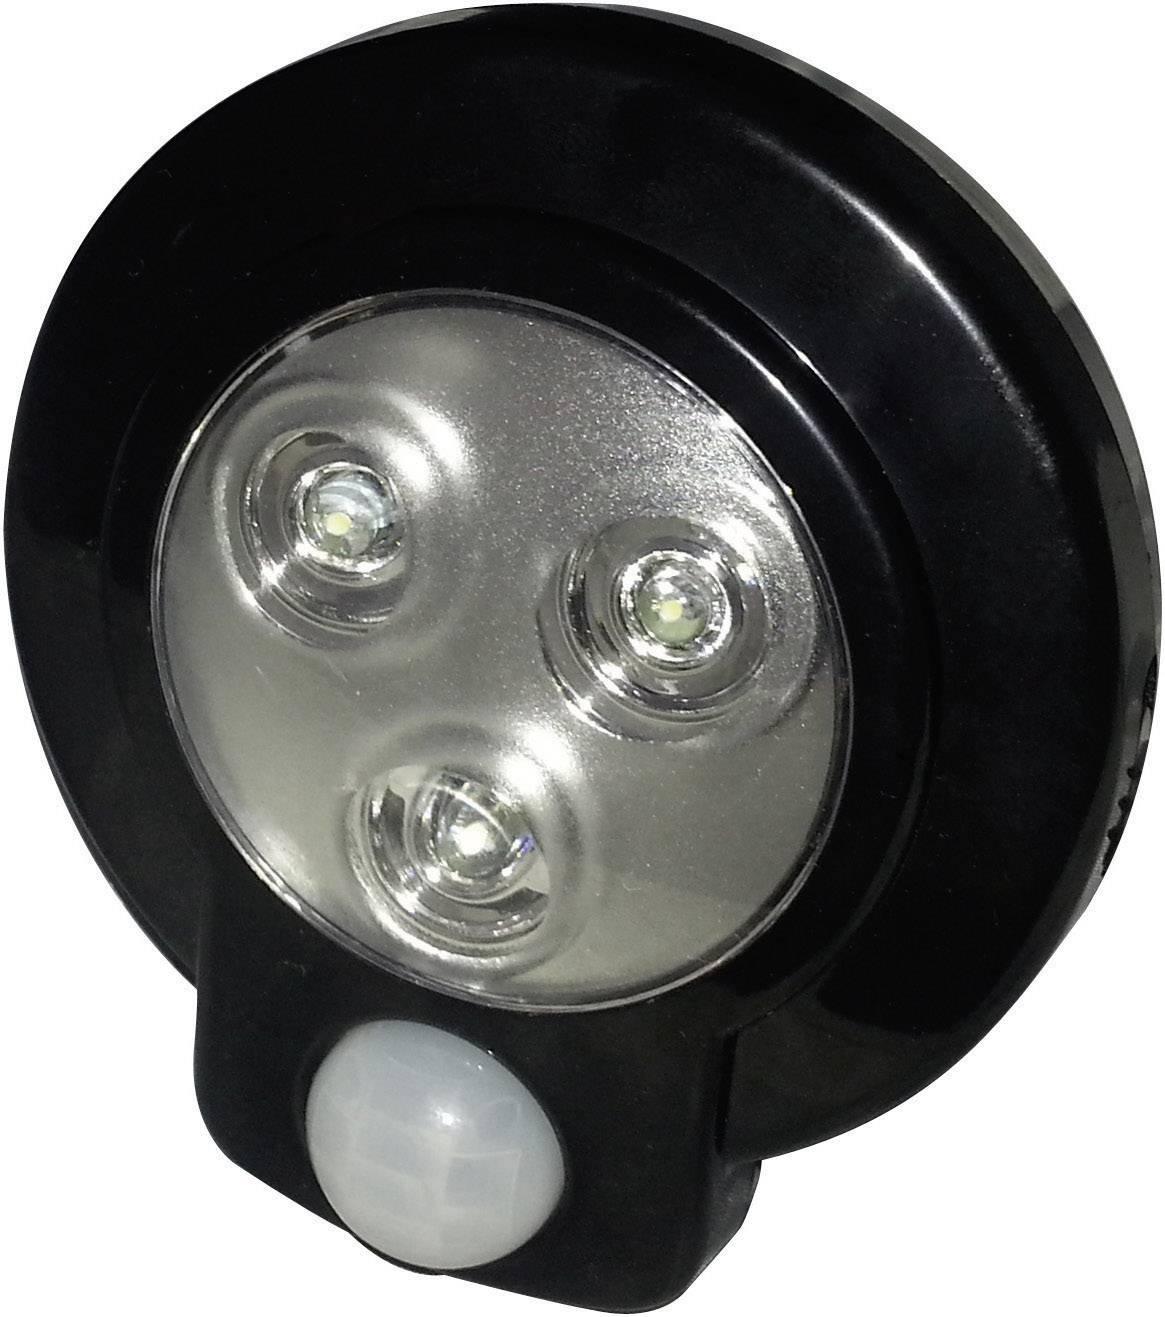 LED podhľadové svetlo s PIR senzorom Müller Licht LED Leuchte Rund 57013, 9.3 cm, čierna